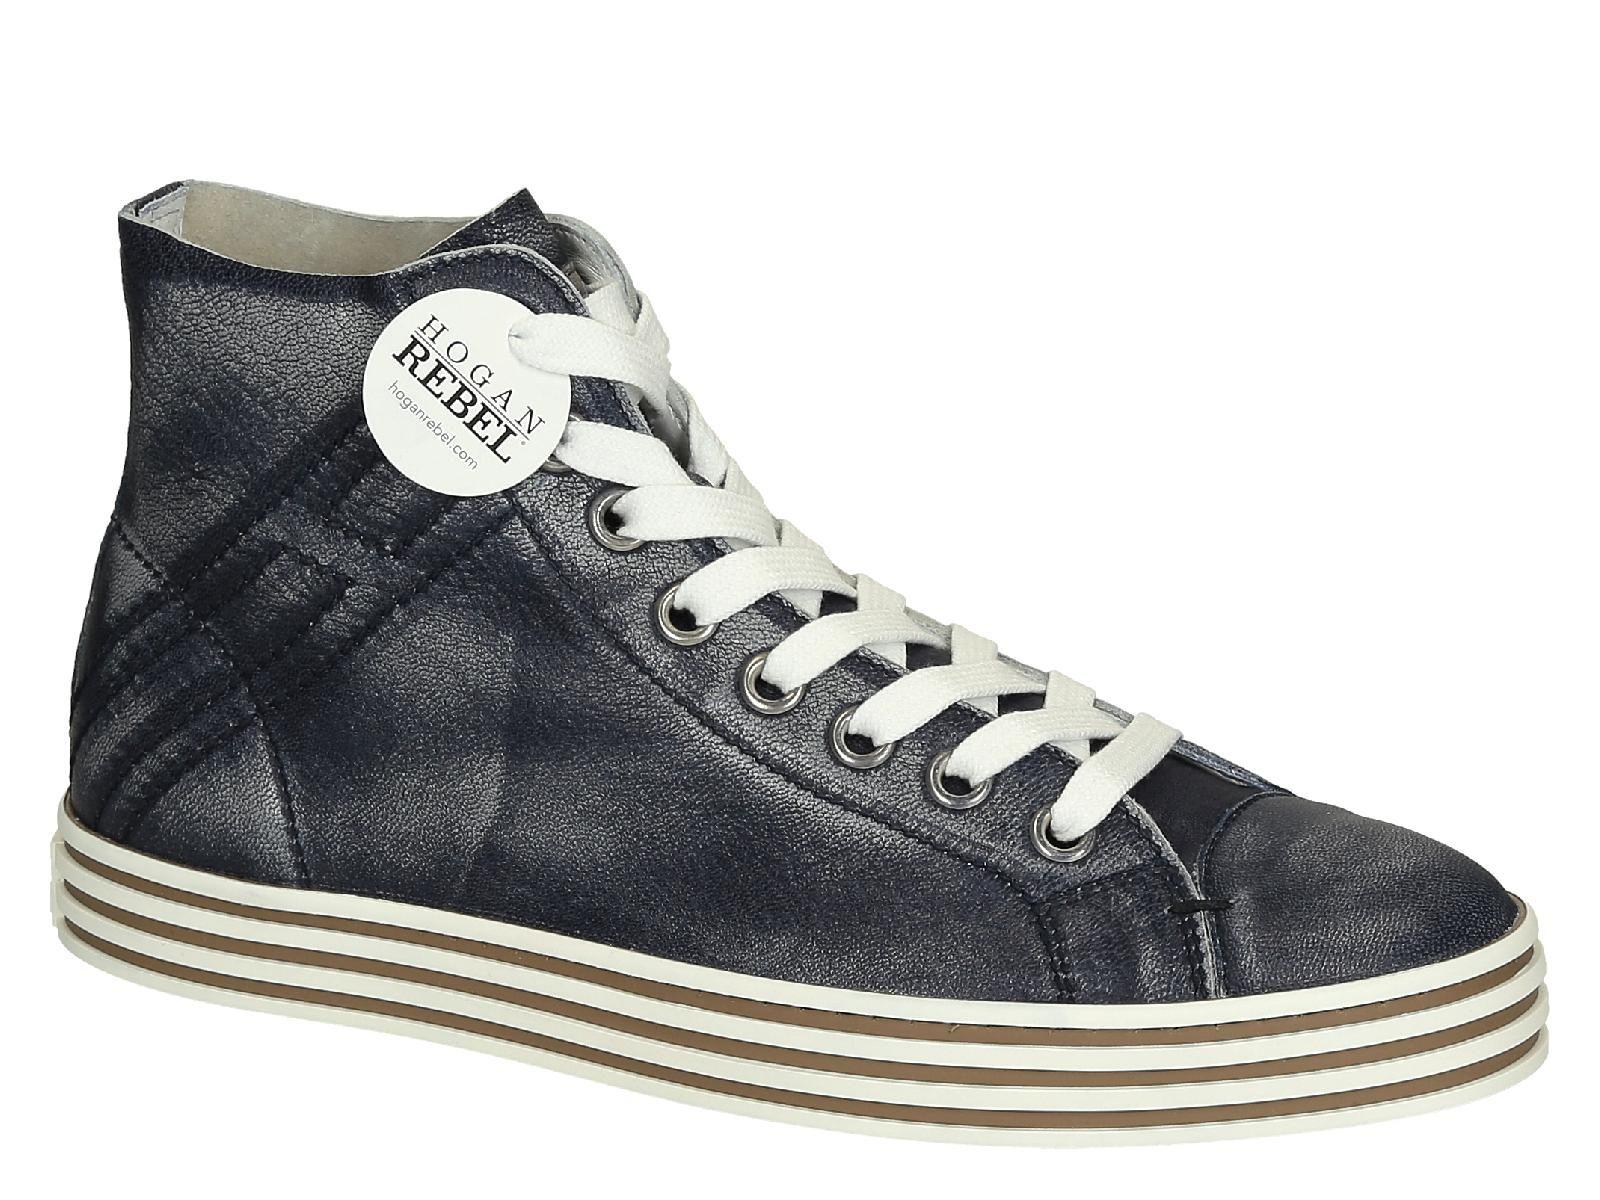 Hogan Rebel zapatos zapatillas de deporte hombres en piel nuevo r141 rebel gris EU 40 HXM1410U370CG80XCT YtpvHYawT